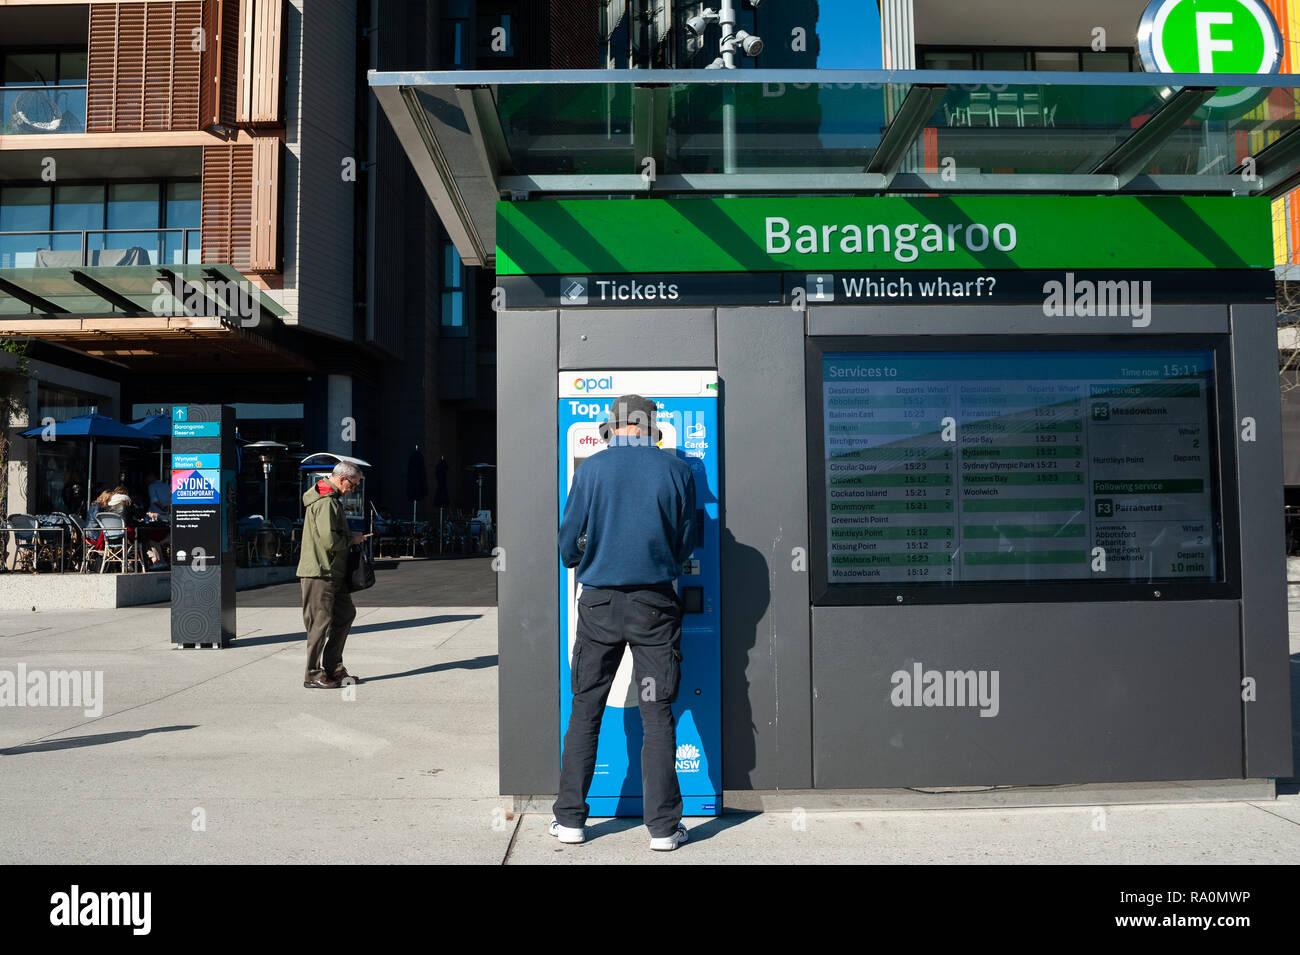 16.09.2018, Sydney, New South Wales, Australien - Ein Mann kauft auf der Uferpromenade am Wulugul Walk in Barangaroo South einen Fahrschein fuer die F Stock Photo